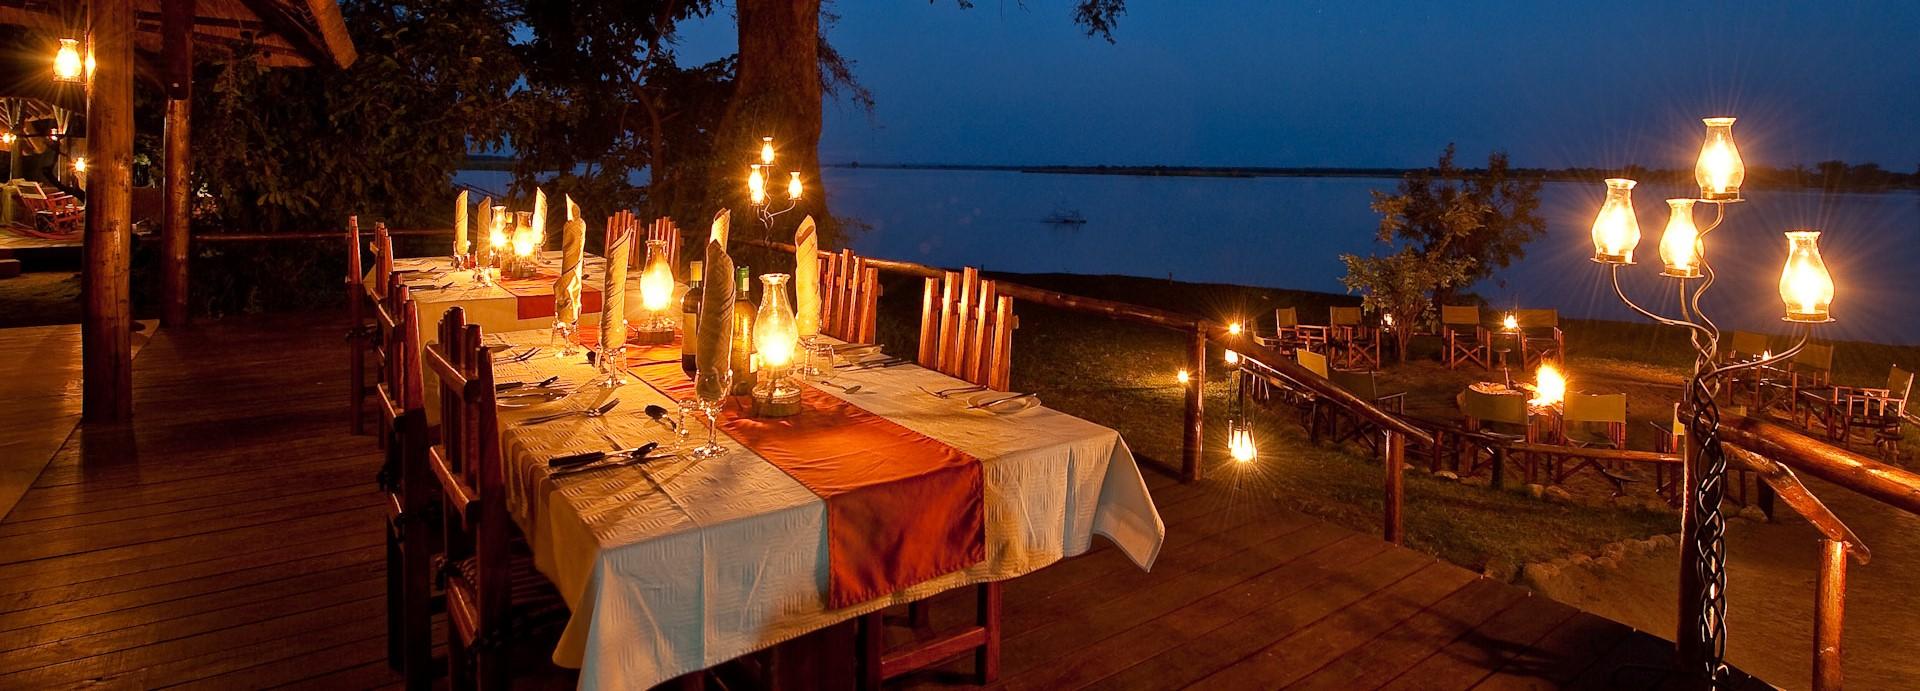 chiawa-camp-zambia-dining-deck-night